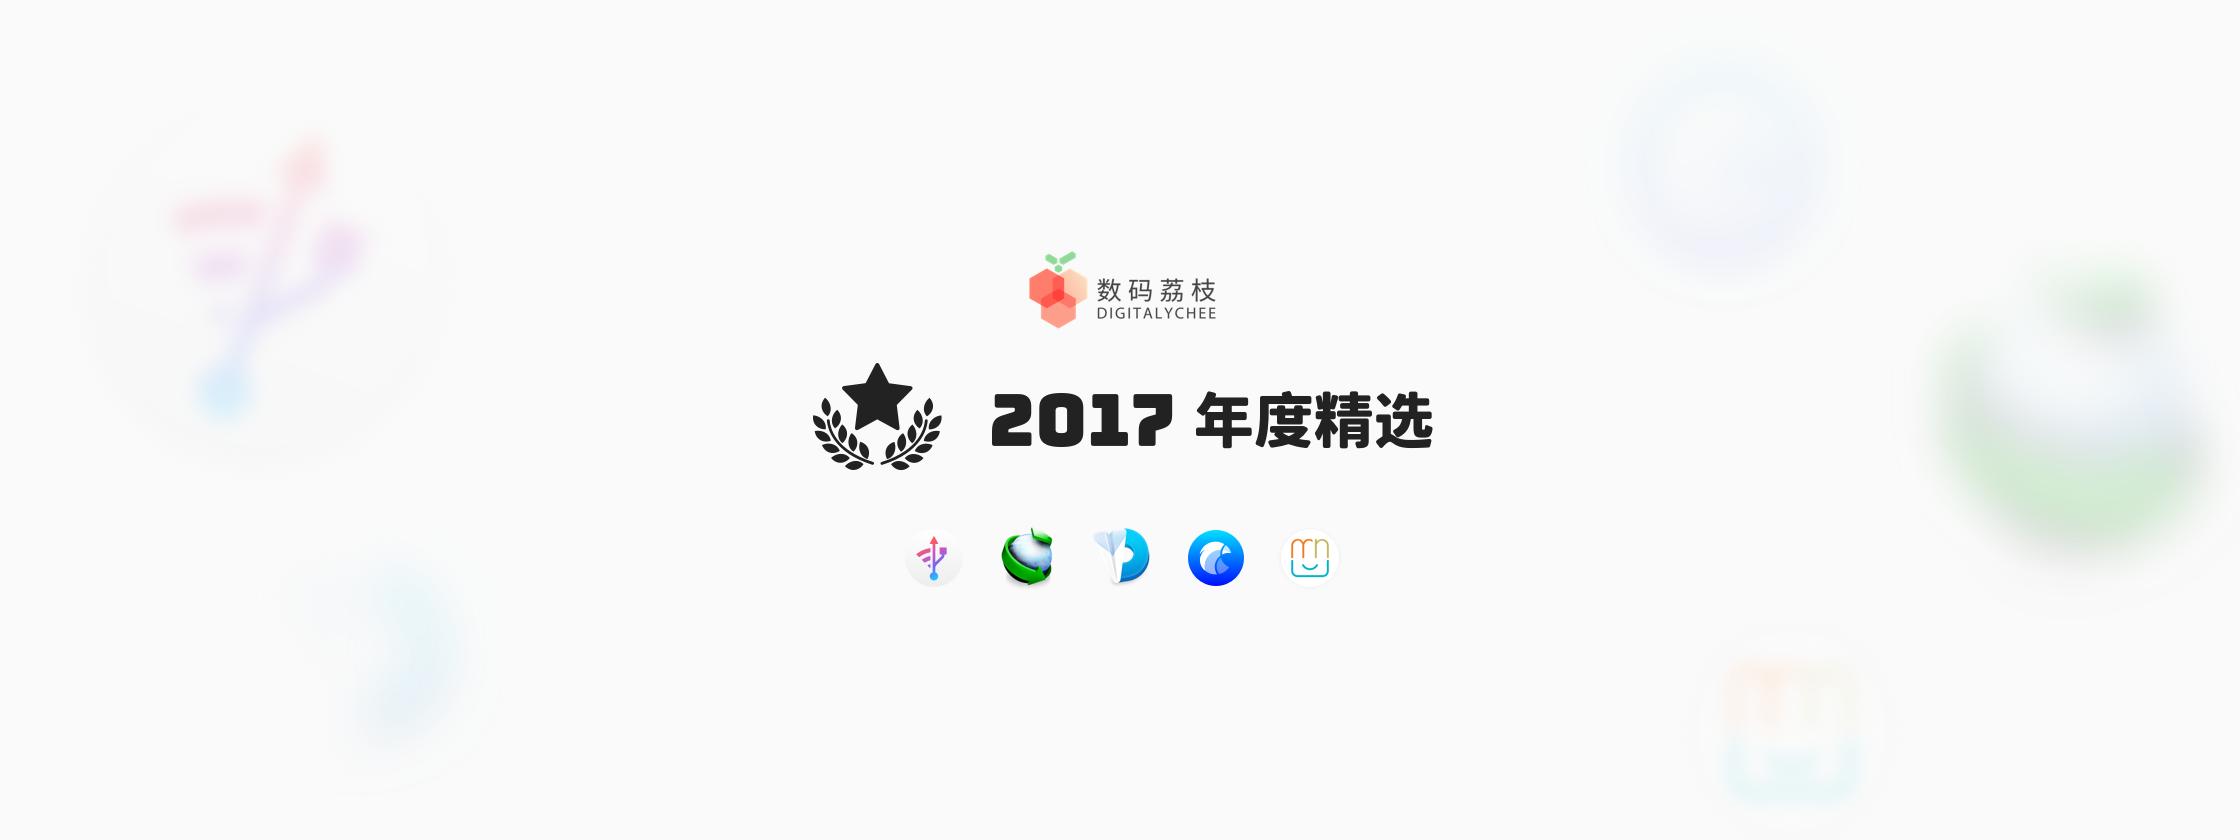 这是我们挑选的 5 款年度应用:「数码荔枝」2017 年度精选